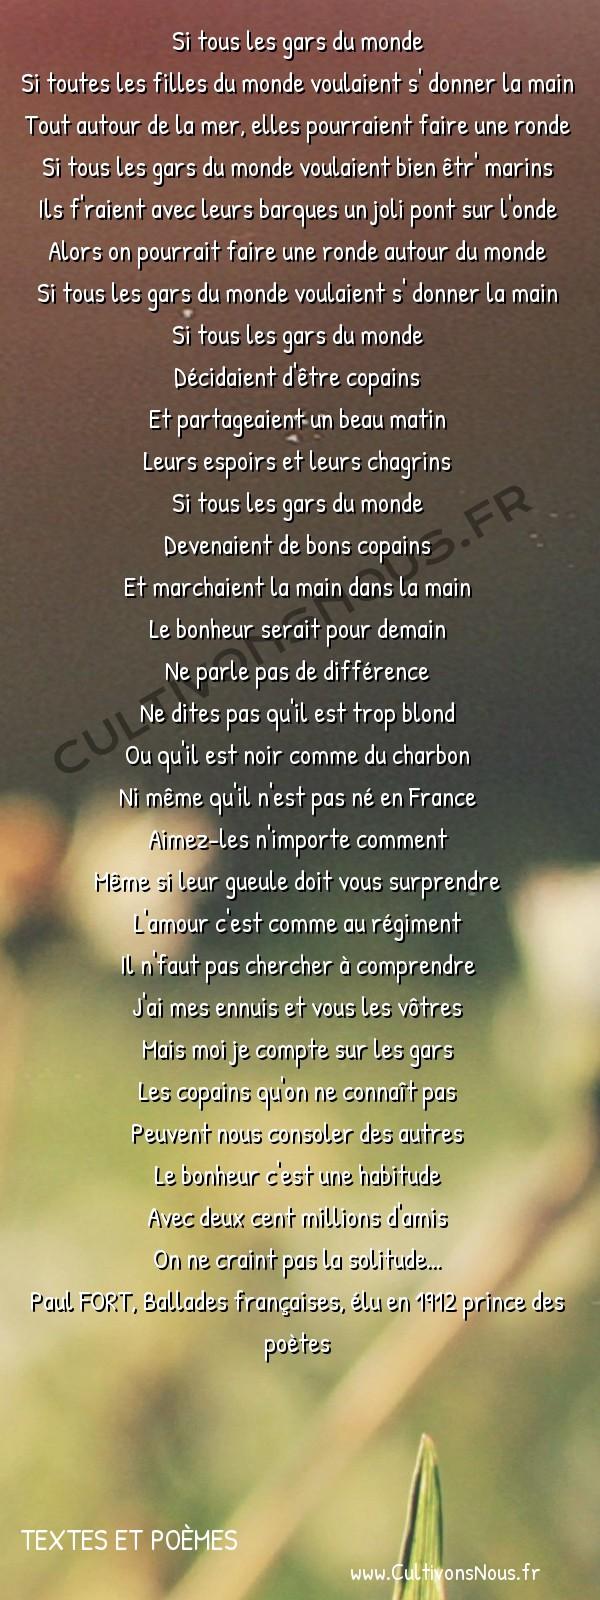 Poésie Paul Fort - Textes et poèmes - Si tous les gars du monde -   Si tous les gars du monde Si toutes les filles du monde voulaient s' donner la main